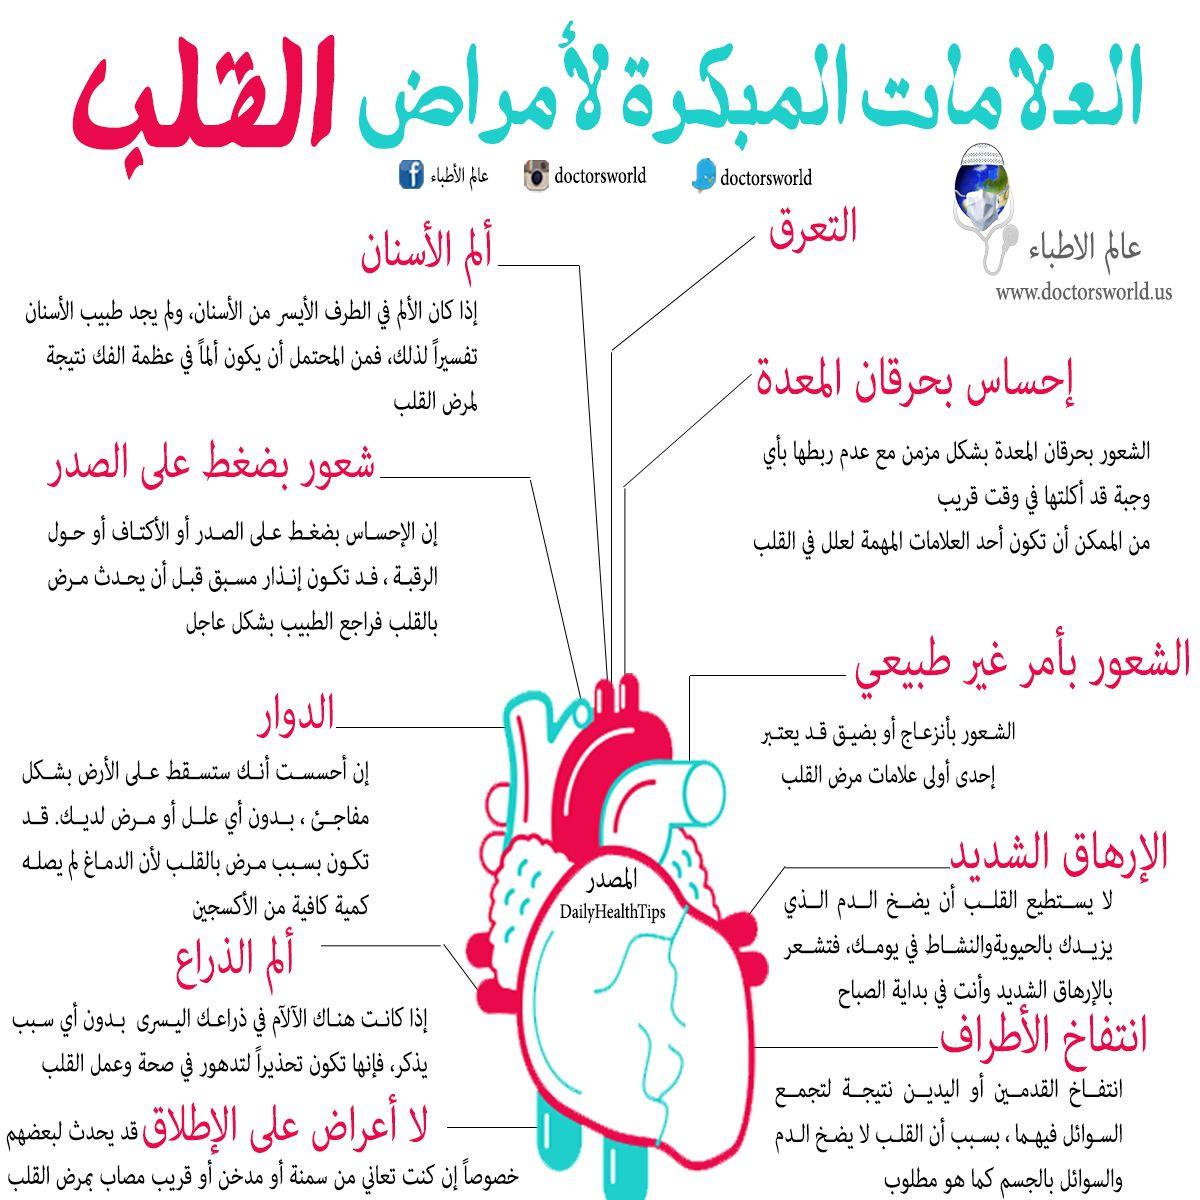 معلومات ع الاعراض المبكرة لامراض القلب Health And Nutrition Health Advice Medical Information